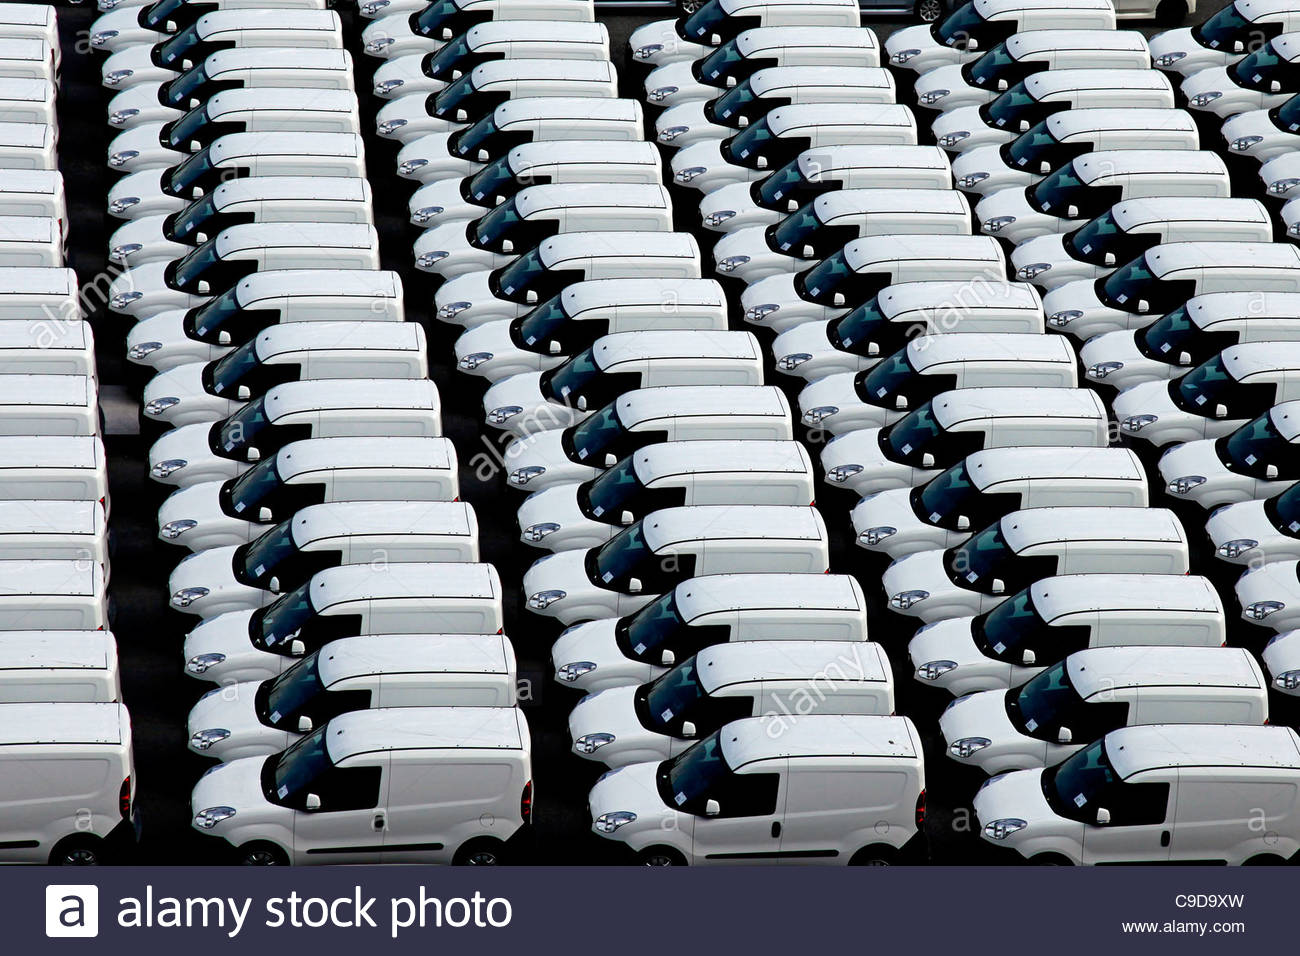 white vans - Stock Image